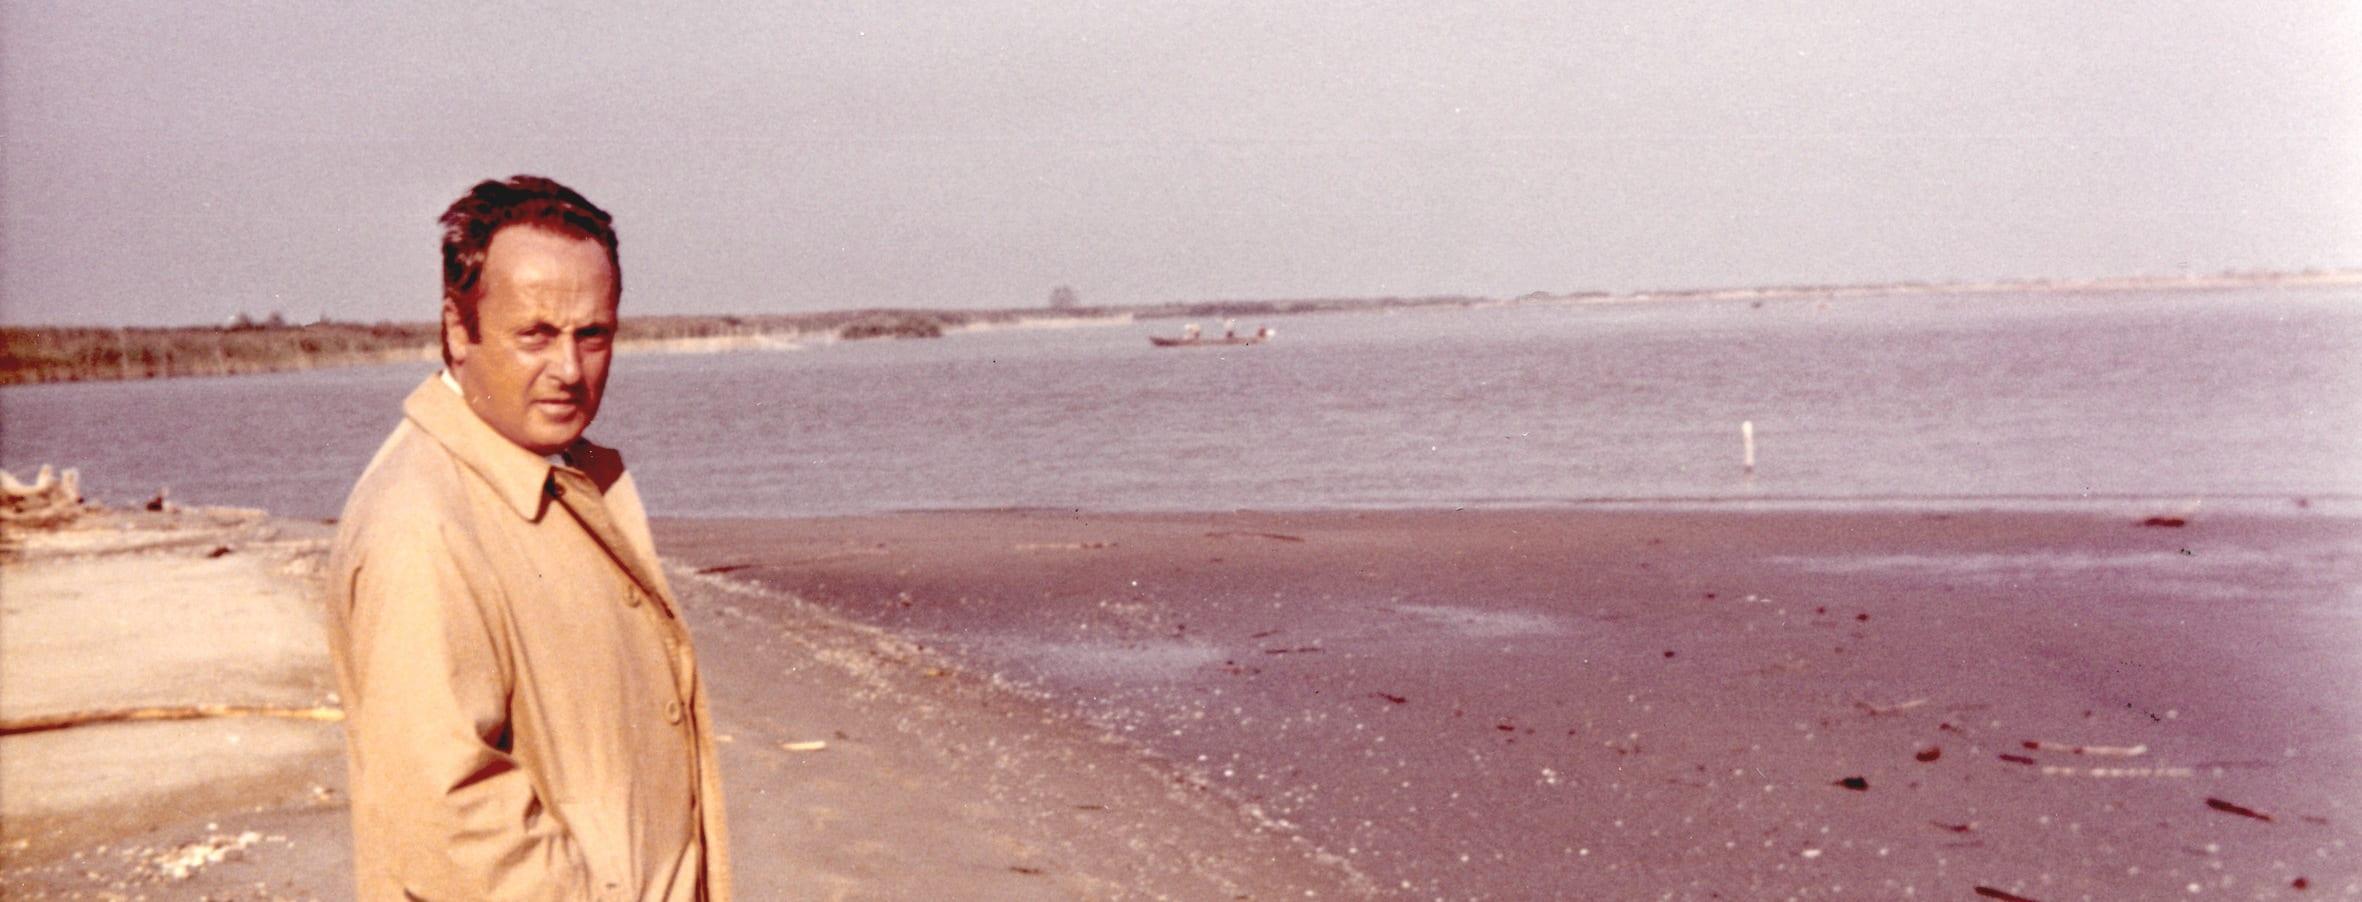 bassani1972